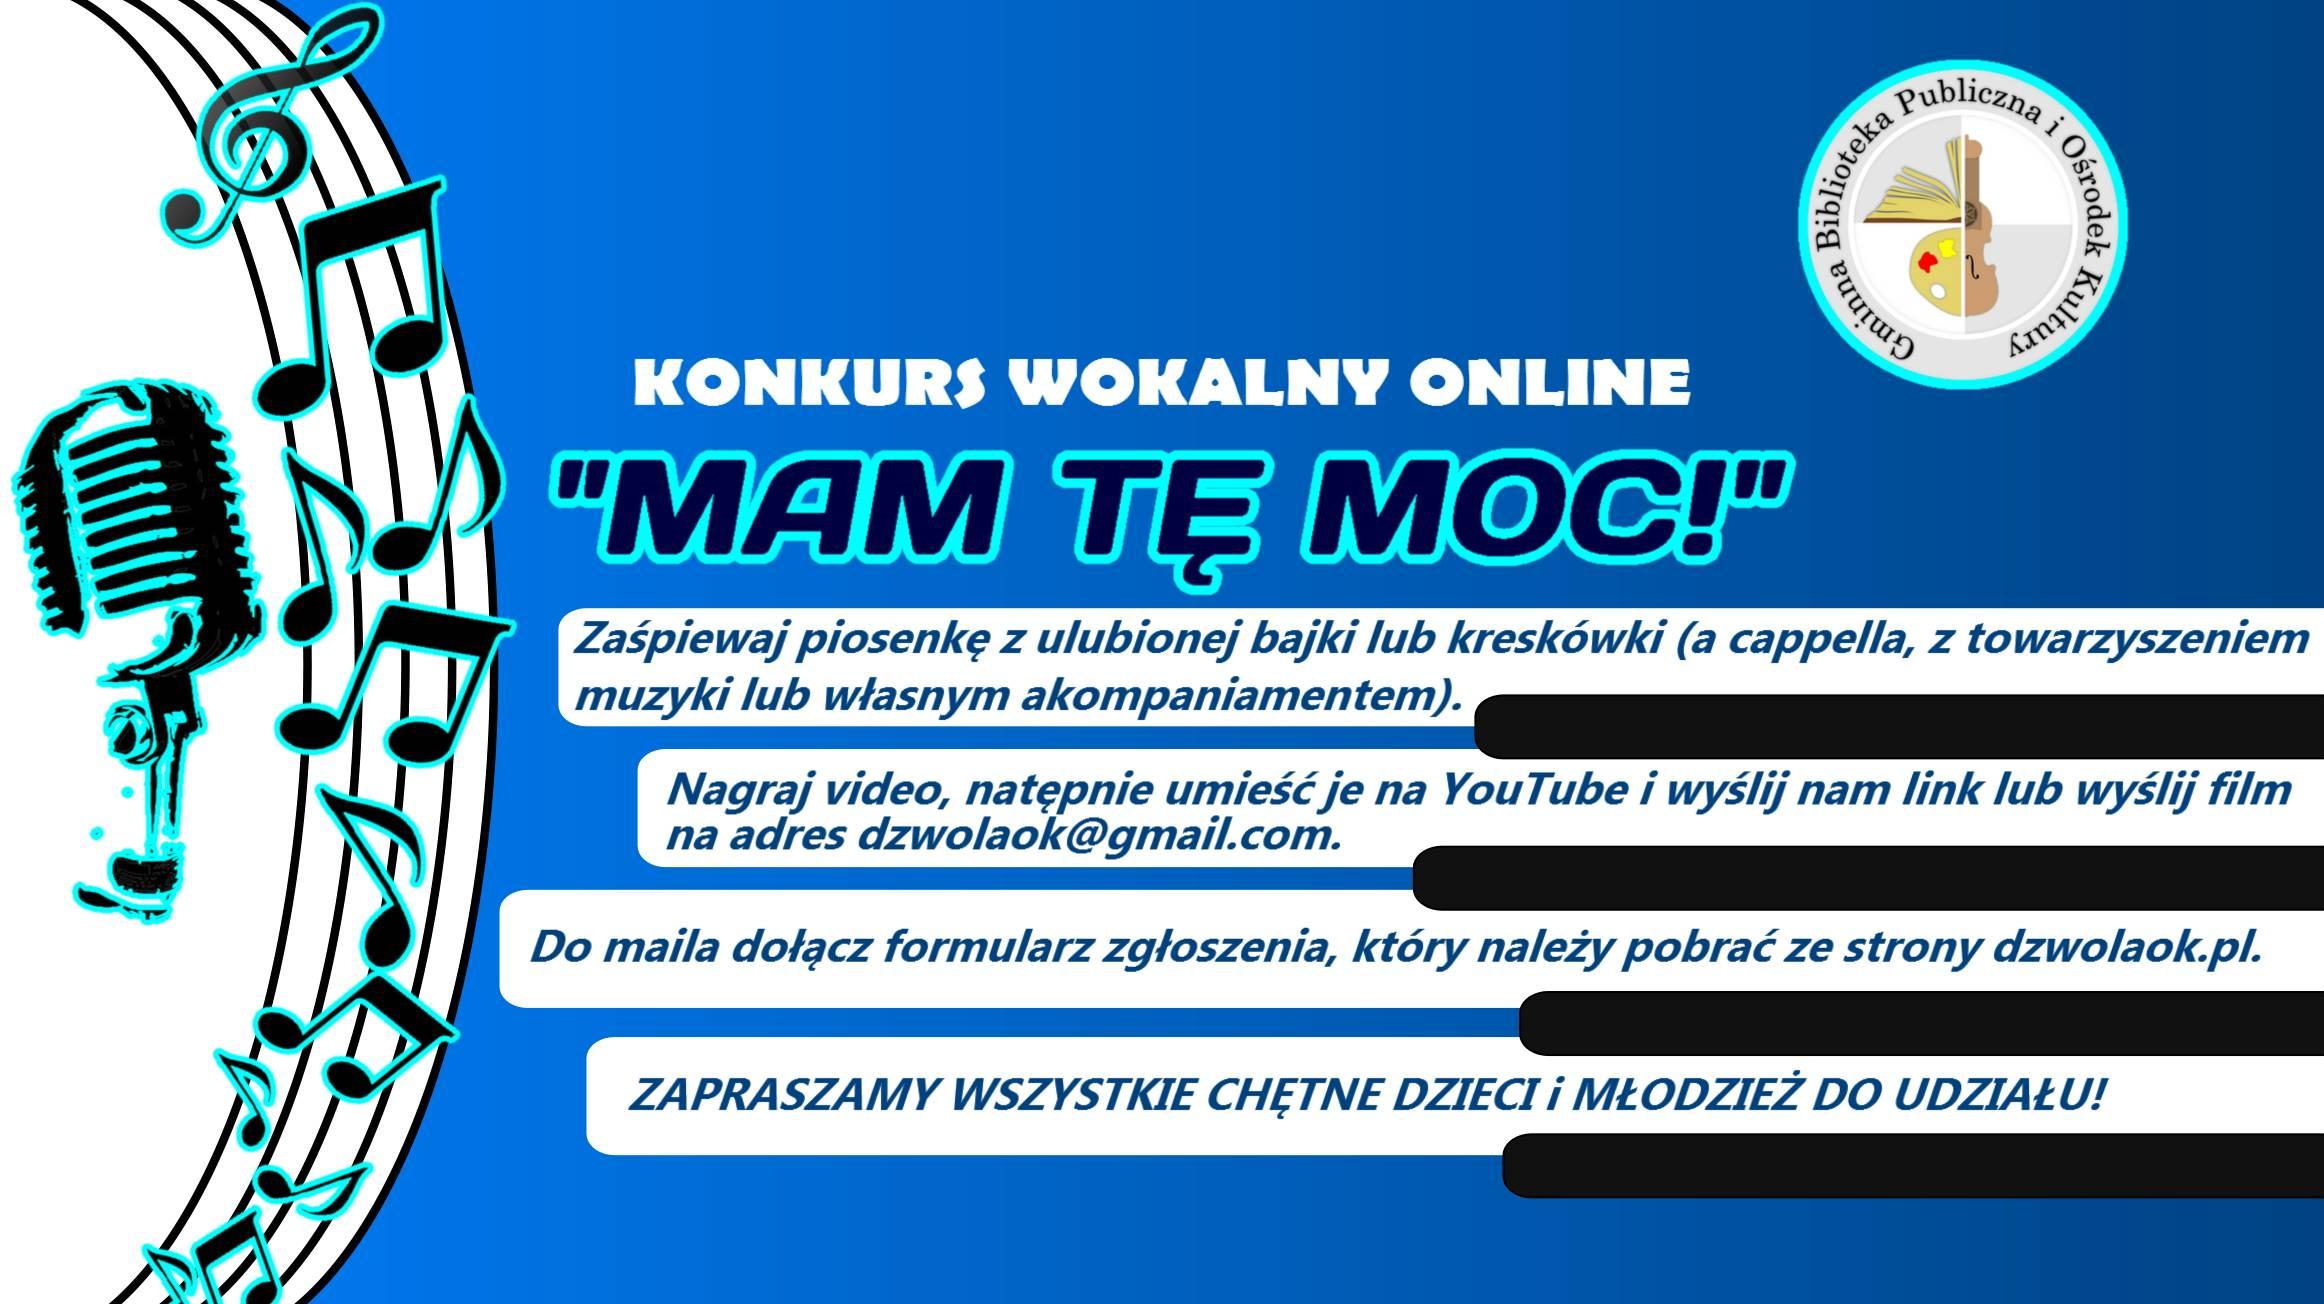 Konkurs wokalny online